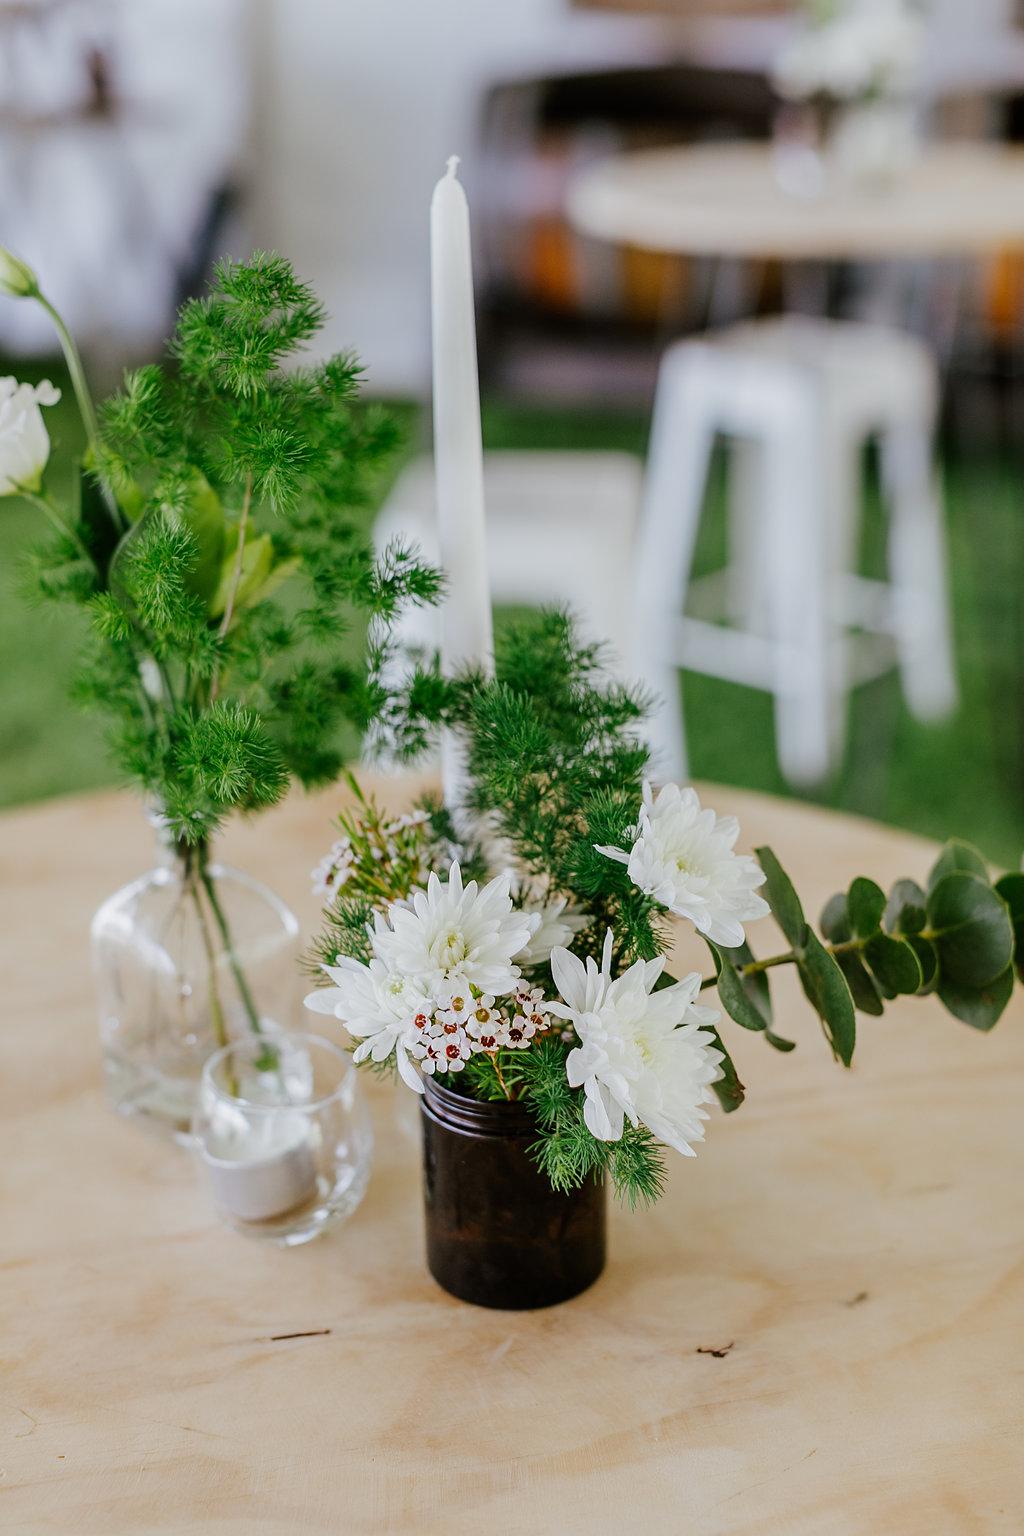 shanna-josh-wynella-estate-wedding-finals-hunter-valley-gez-xavier-mansfield-wedding-photography-2018-101.jpg